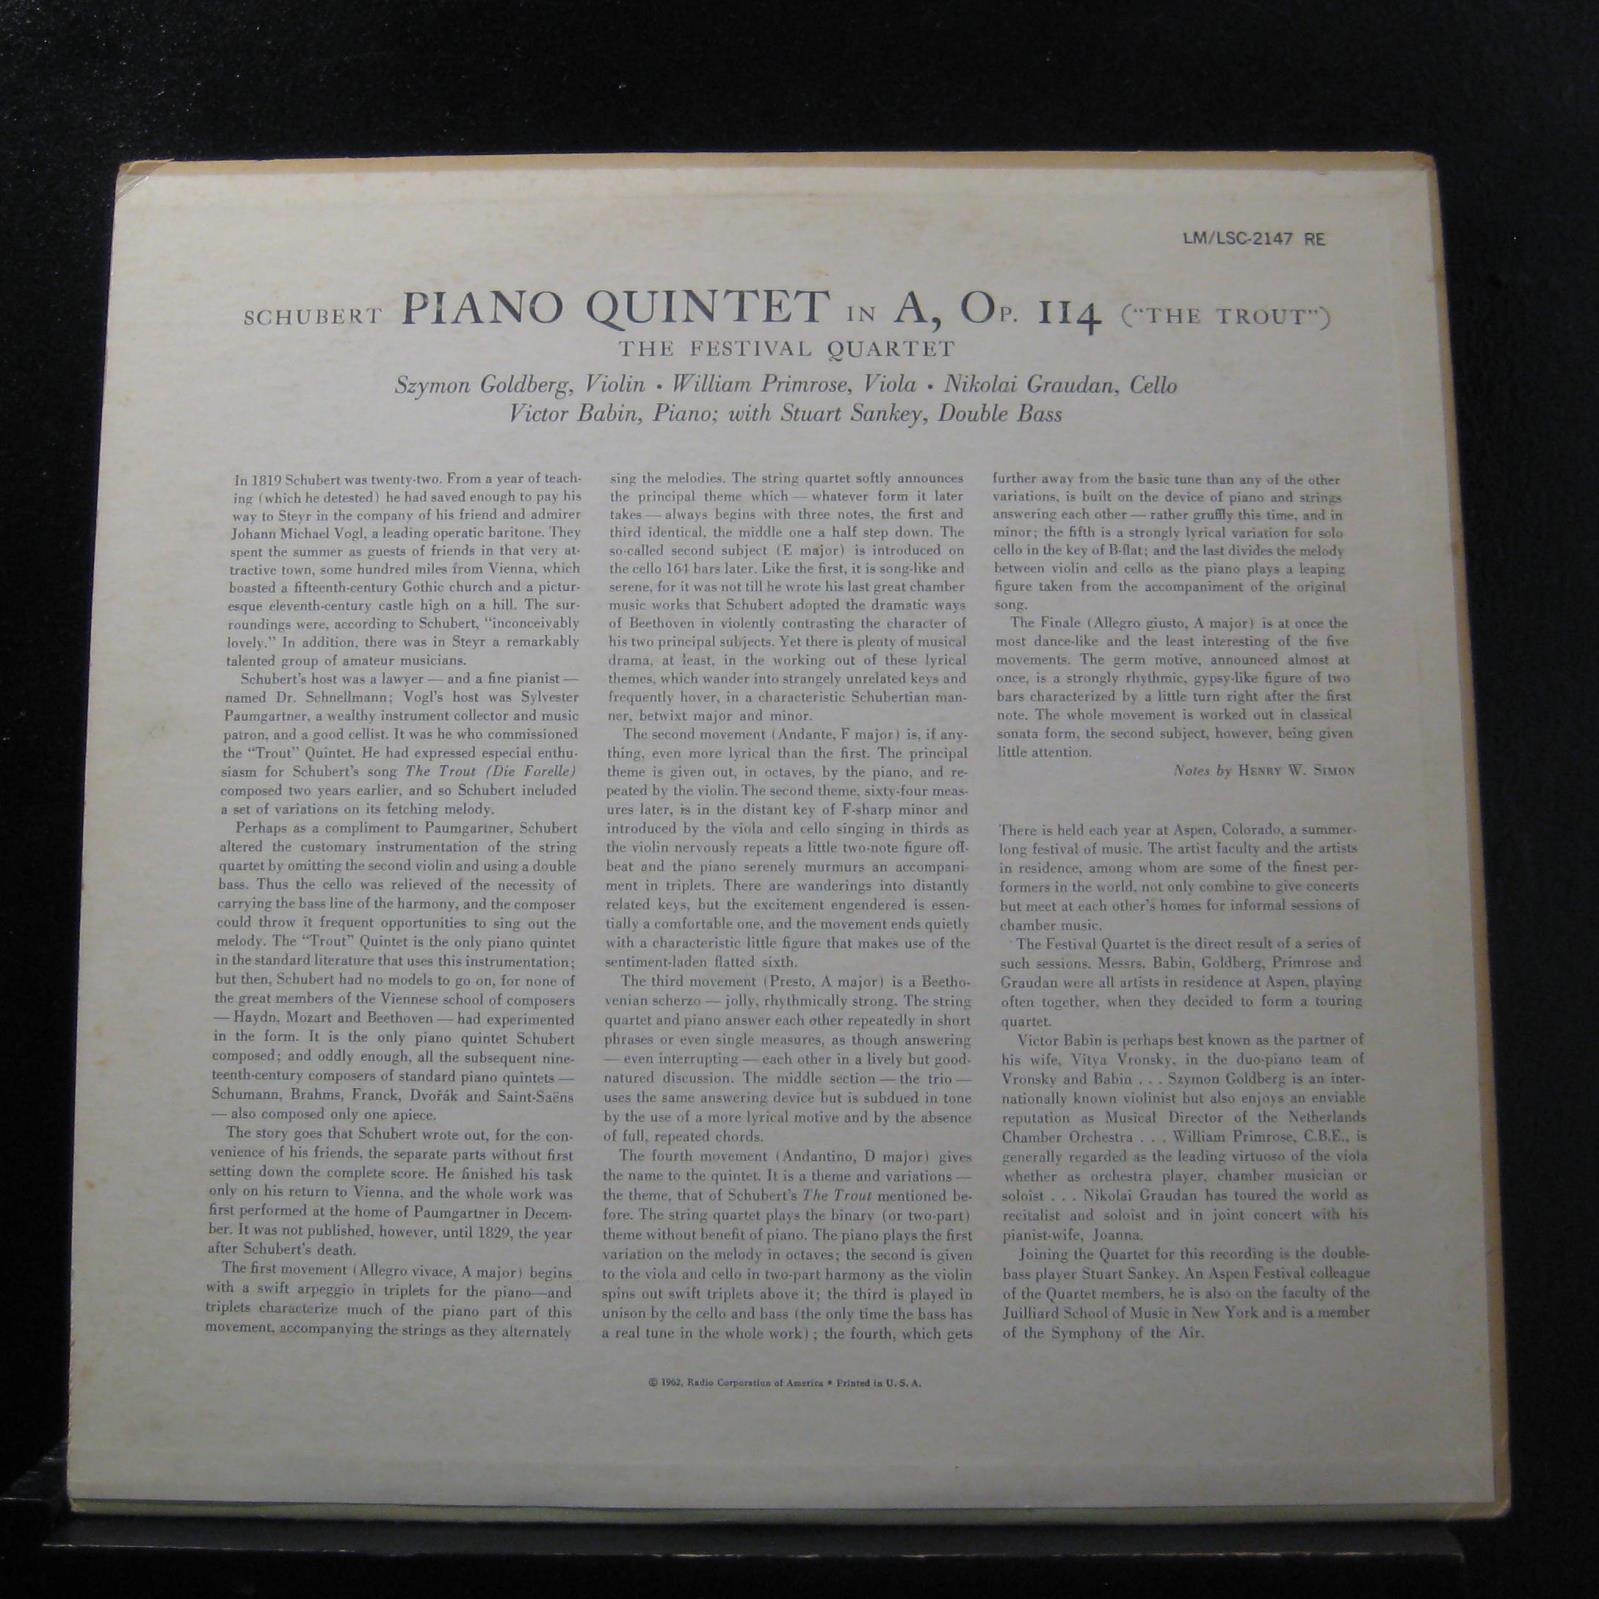 Schubert Amp Stuart Sankey Trout Quintet Lp Mint Lm 2147